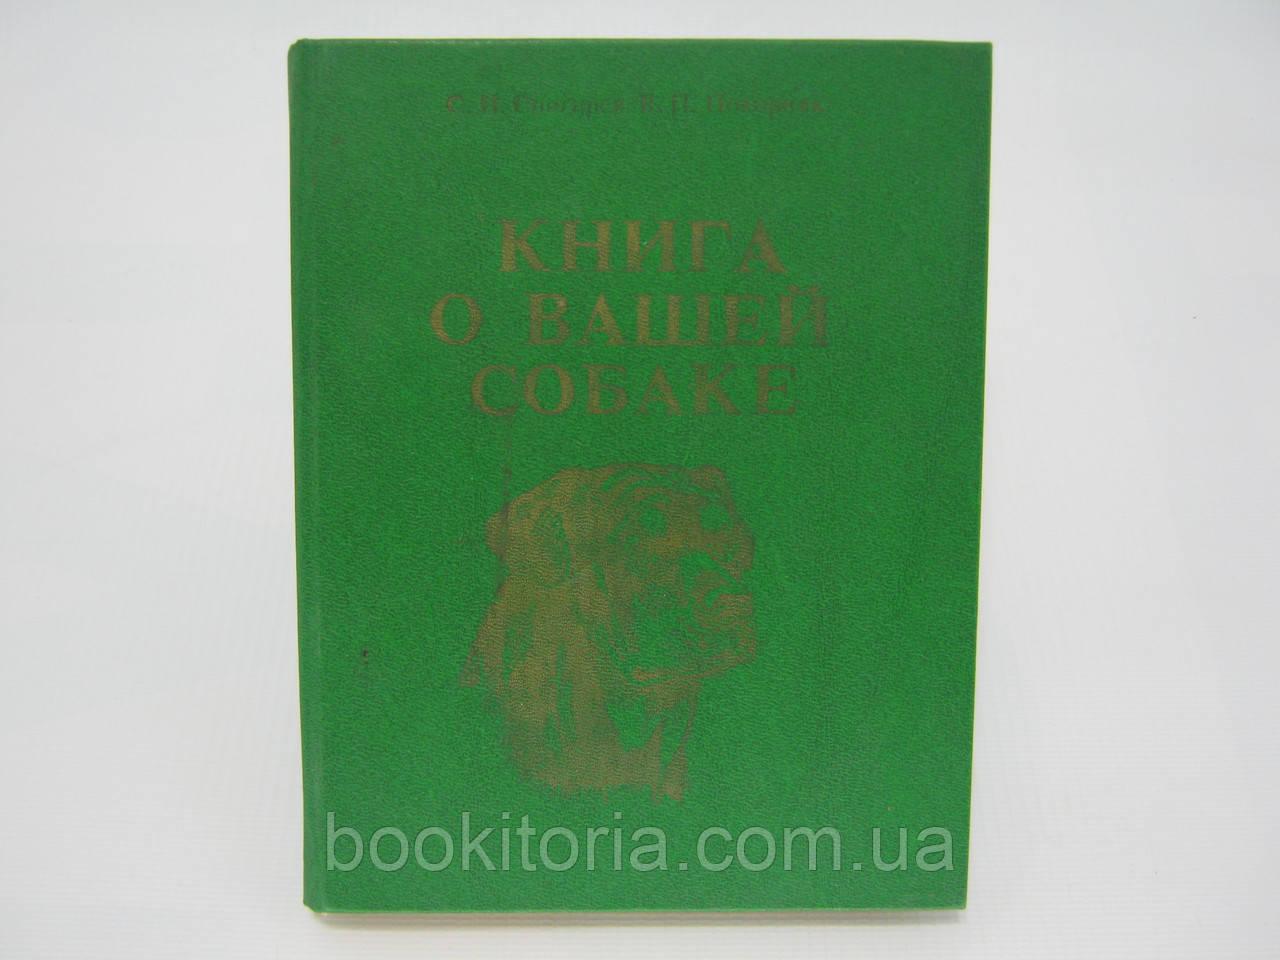 Снигирев С.И., Покорняк В.П. Книга о вашей собаке (б/у).